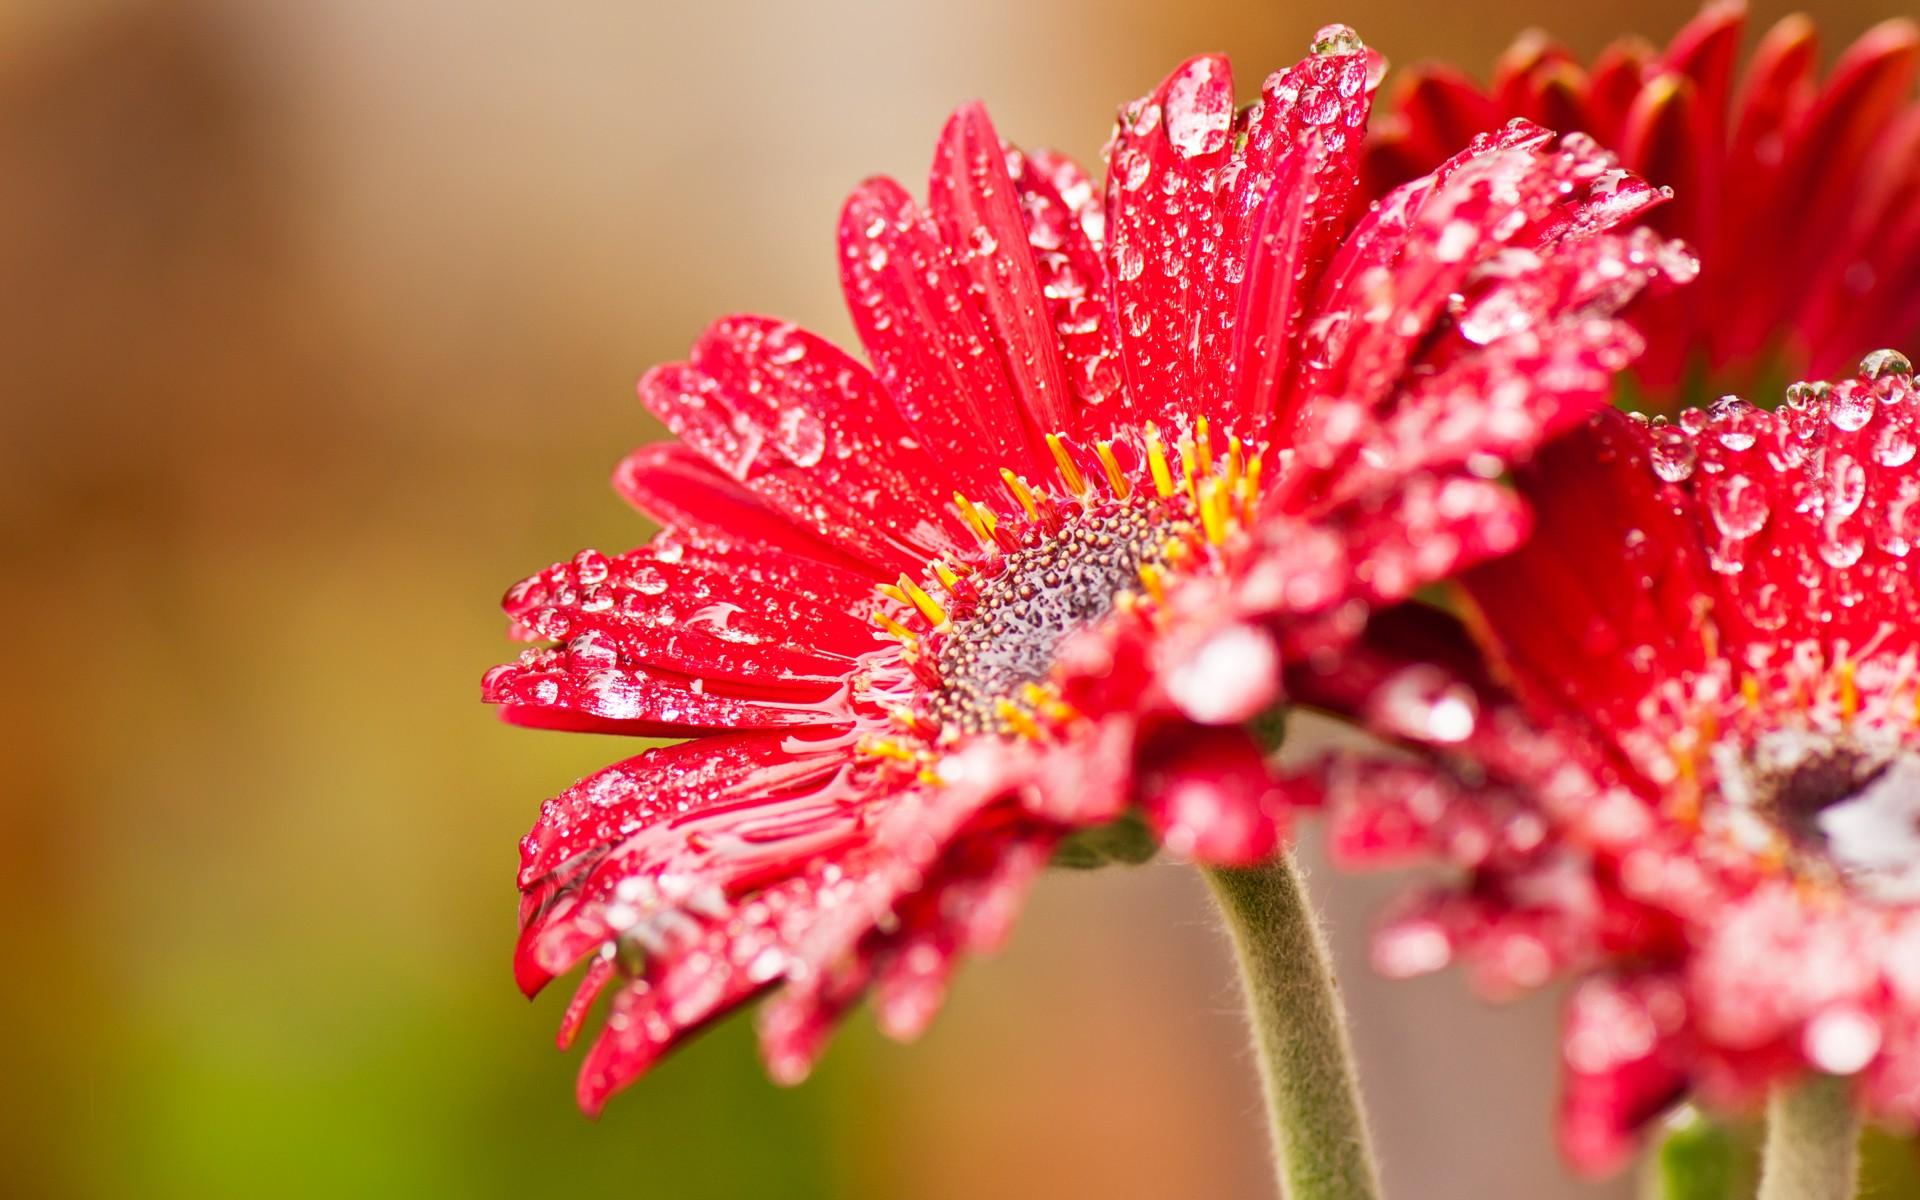 Bella flor roja - 1920x1200